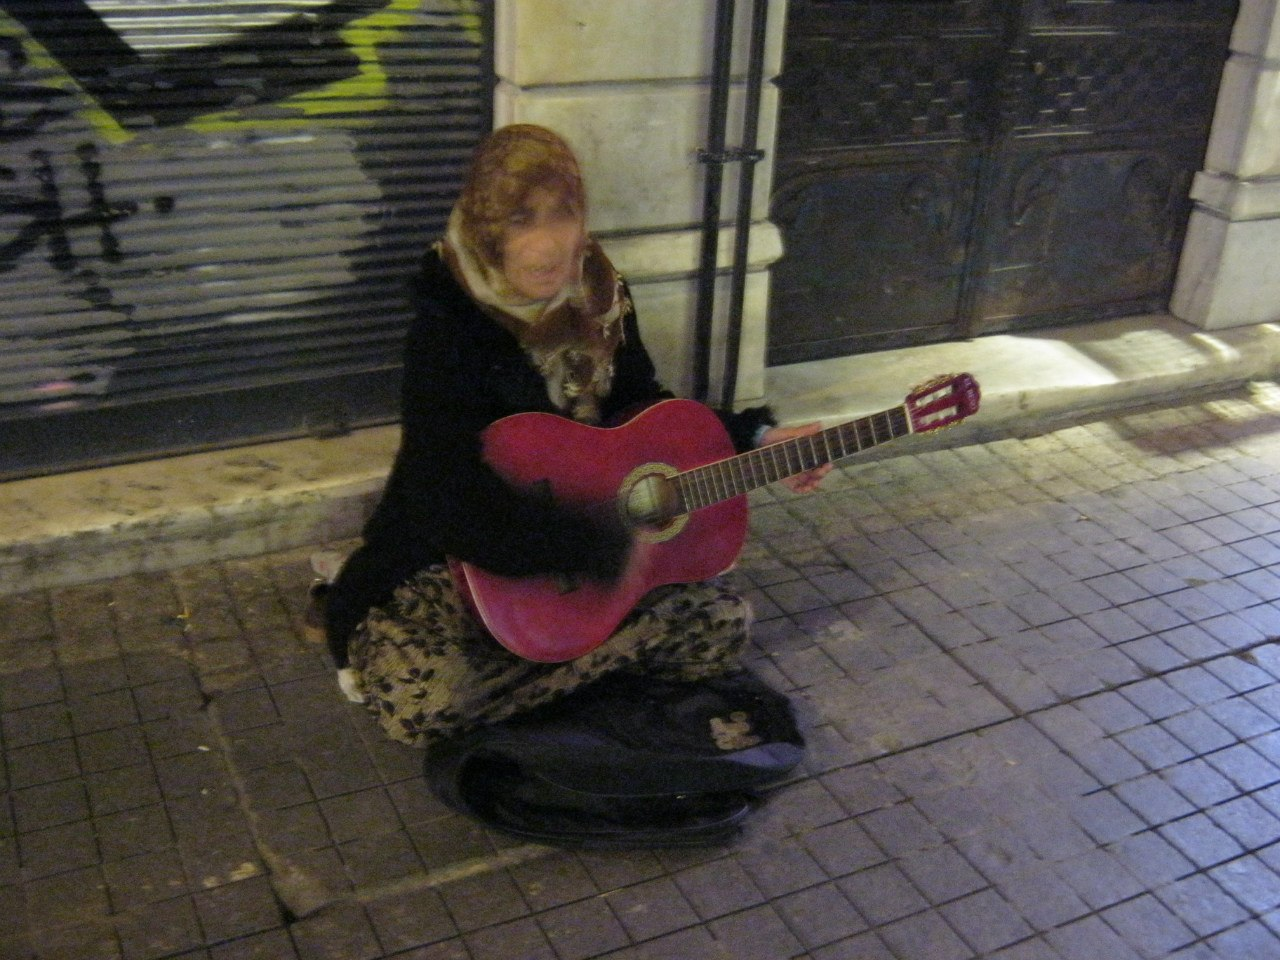 Бабушка зарабатывает деньги игрой на гитаре